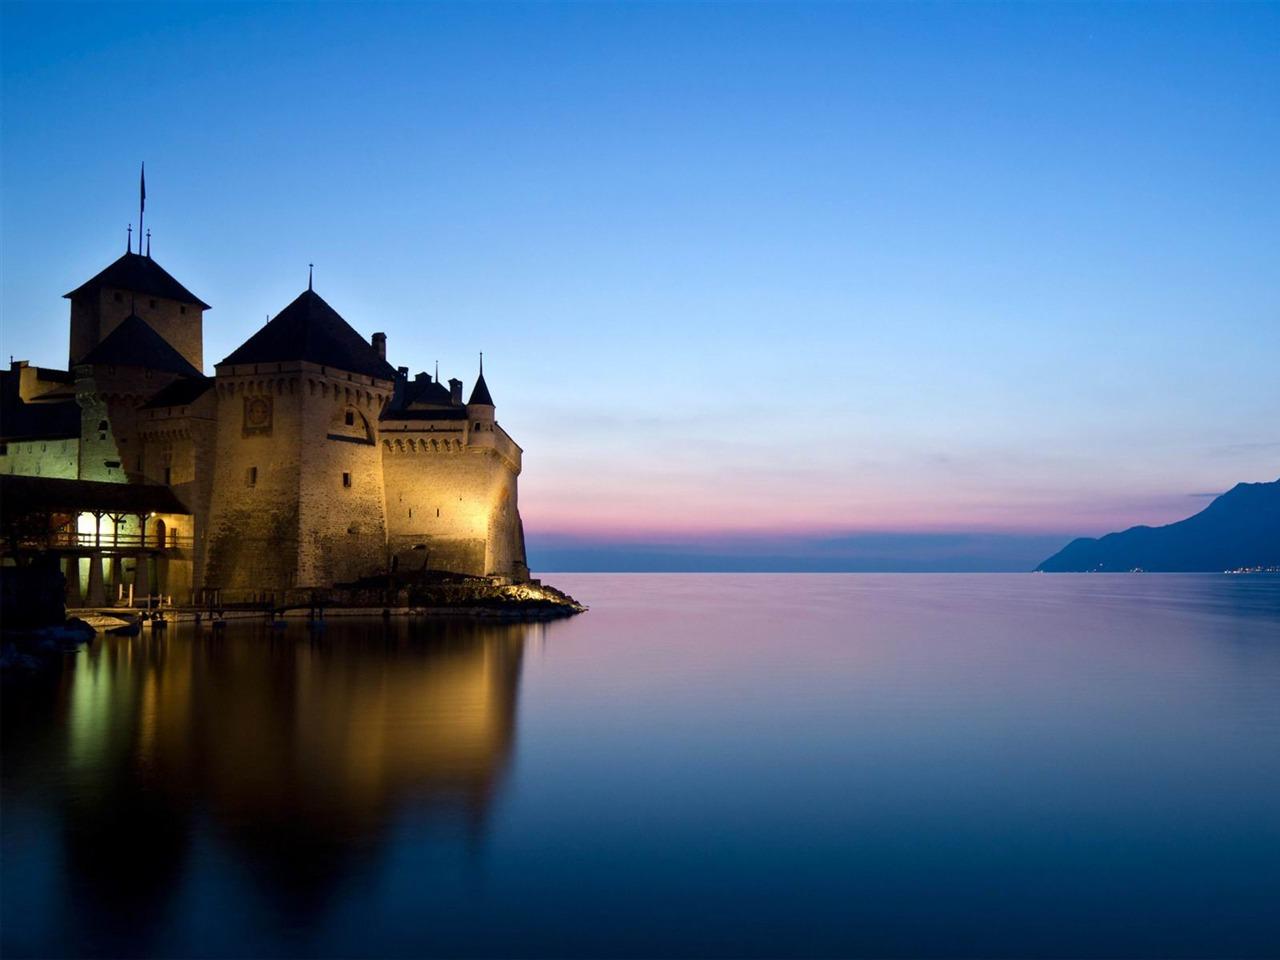 德国人_西庸城堡瑞士-世界风景高清摄影壁纸预览   10wallpaper.com